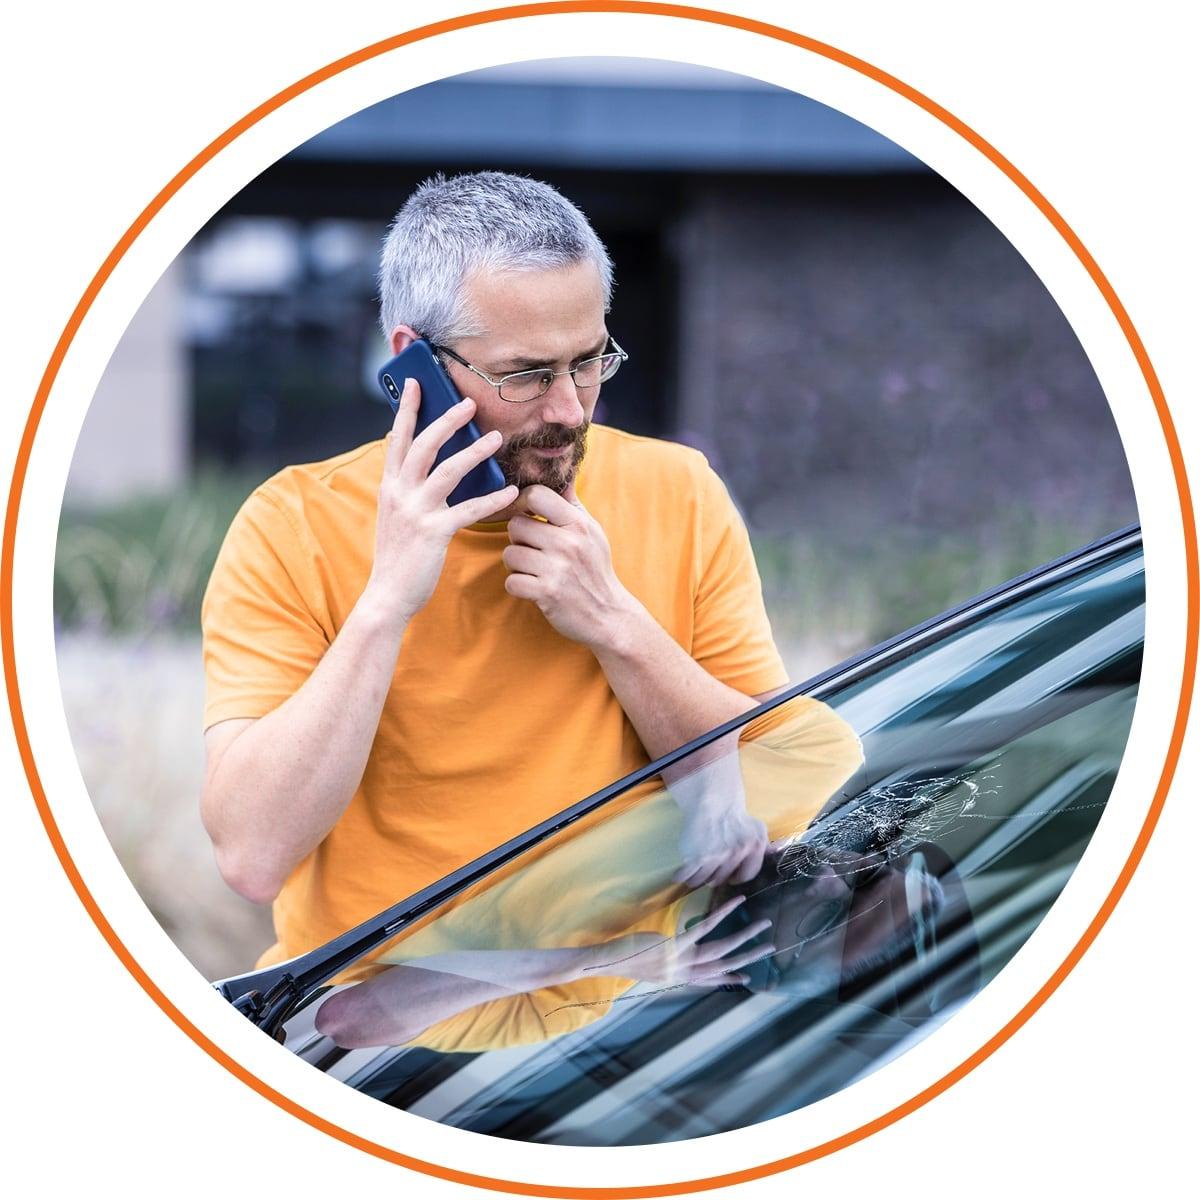 Riešenie poistnej udalosti s autosklom